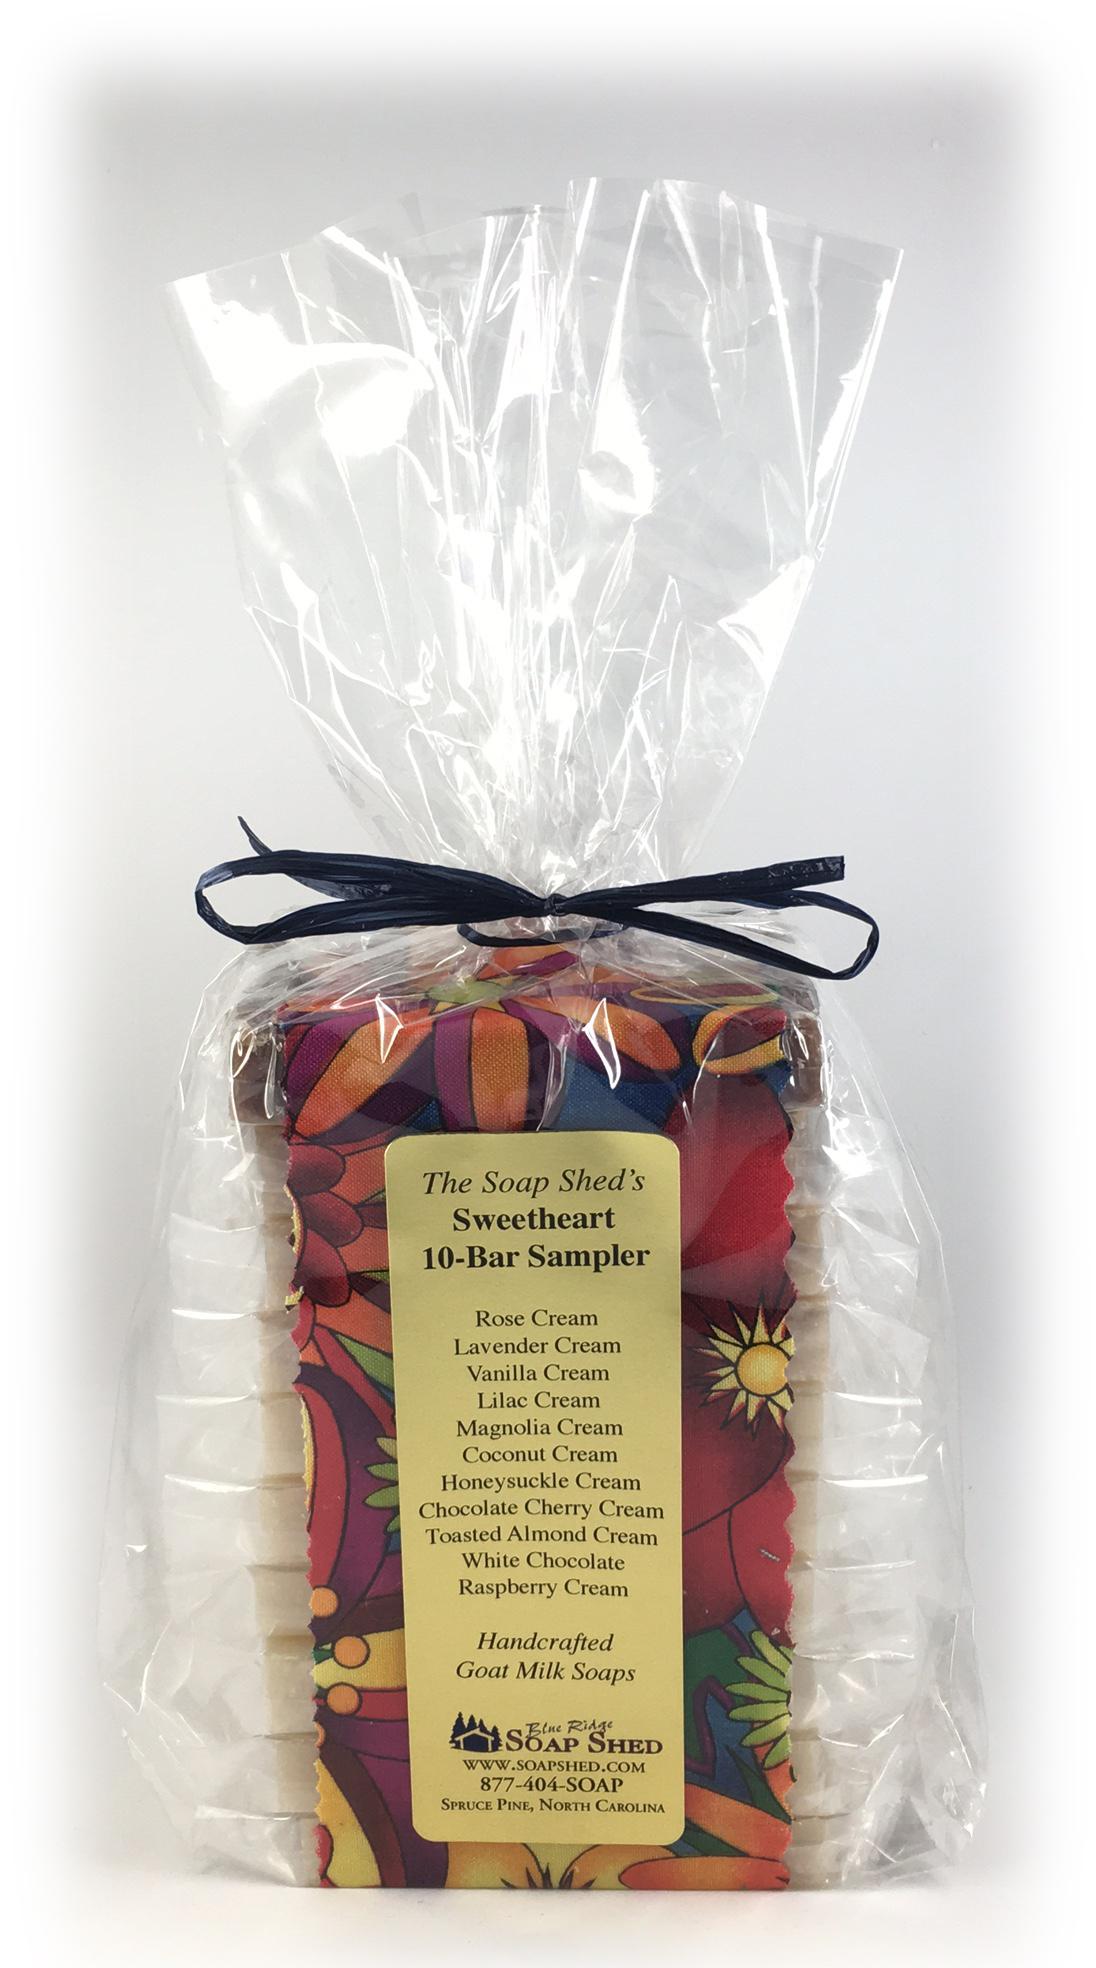 Large 8-10 Slice Soap Samplers for $19.95-$24.95